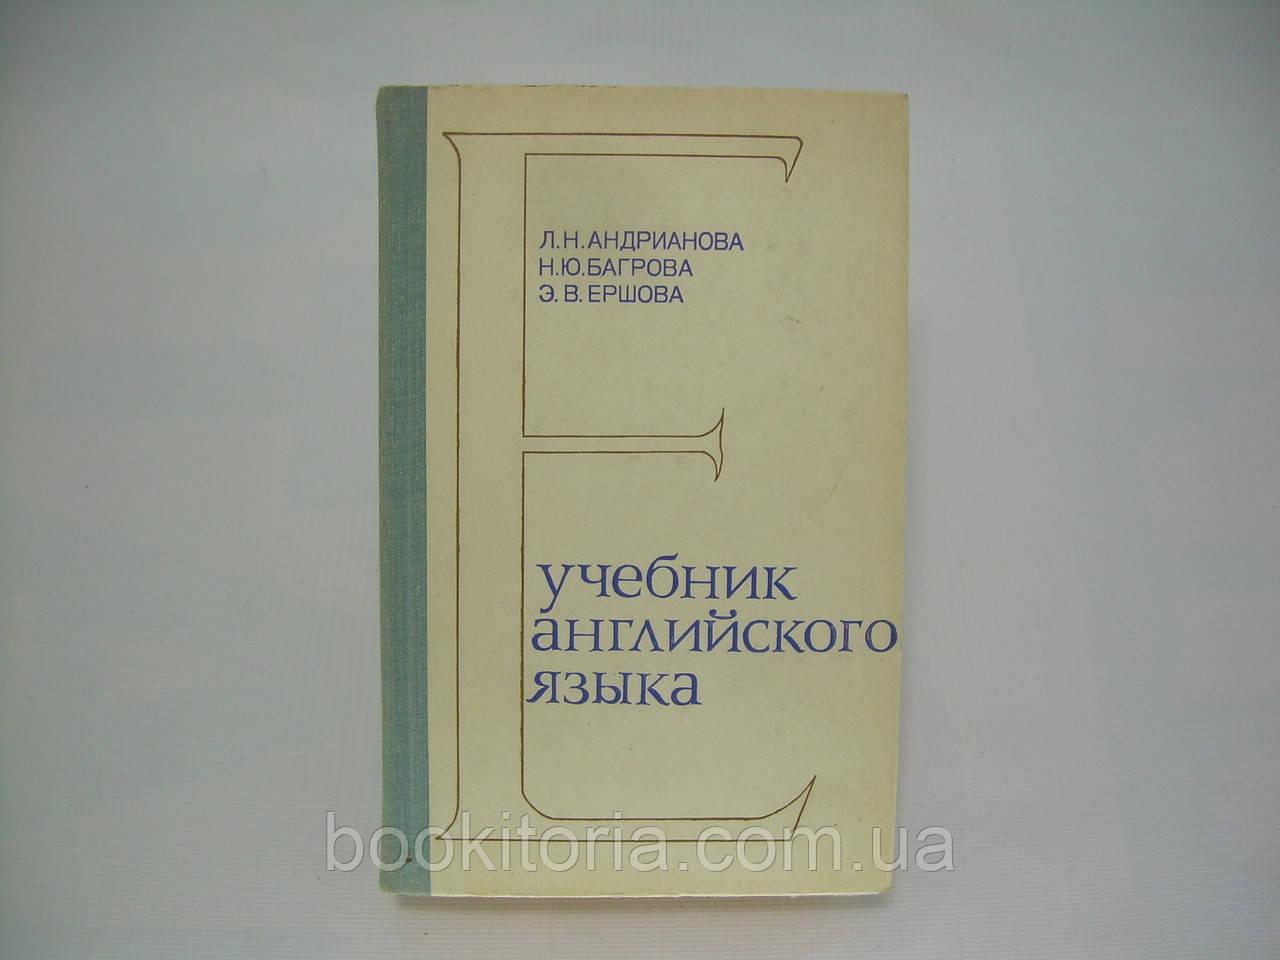 Учебник английского языка для заочных технических вузов (б/у).